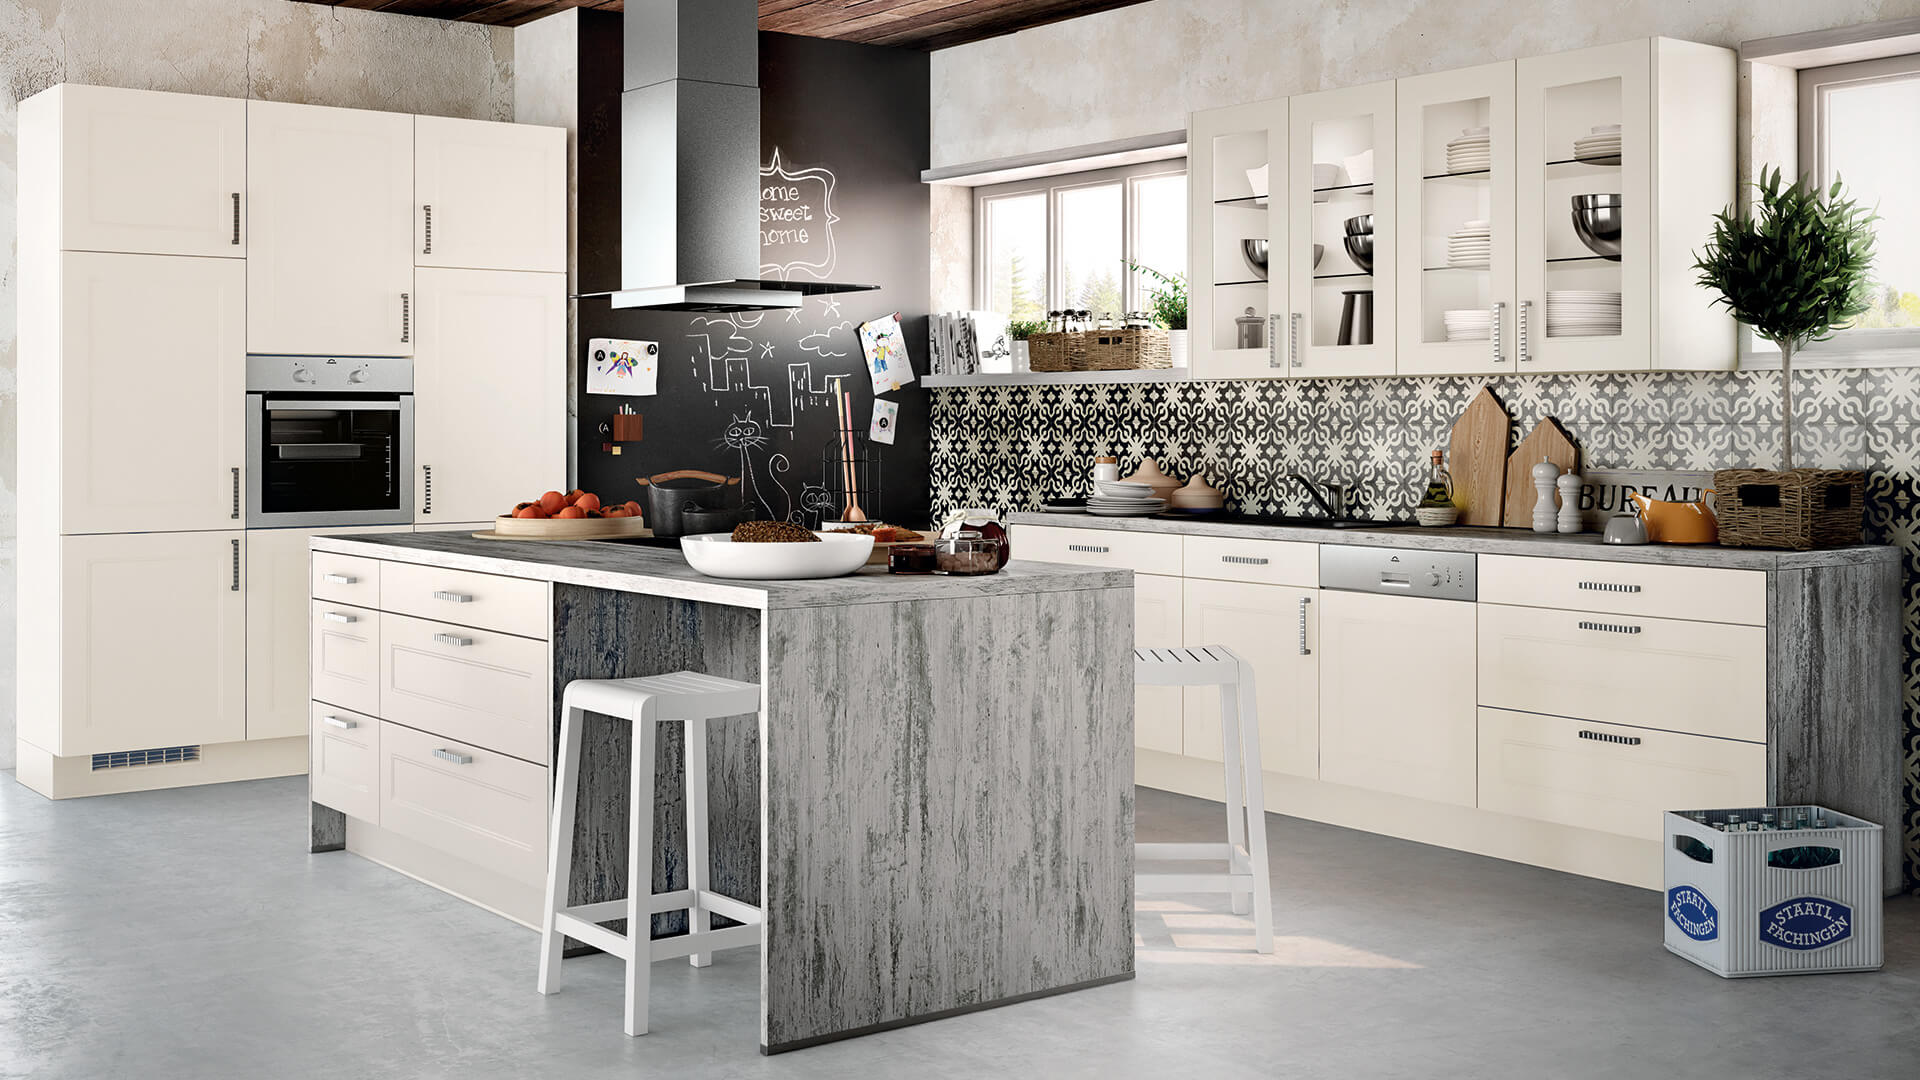 Full Size of Küche Zusammenstellen Günstig Küche Zusammenstellen Online Ikea Küche Zusammenstellen Outdoor Küche Zusammenstellen Küche Küche Zusammenstellen